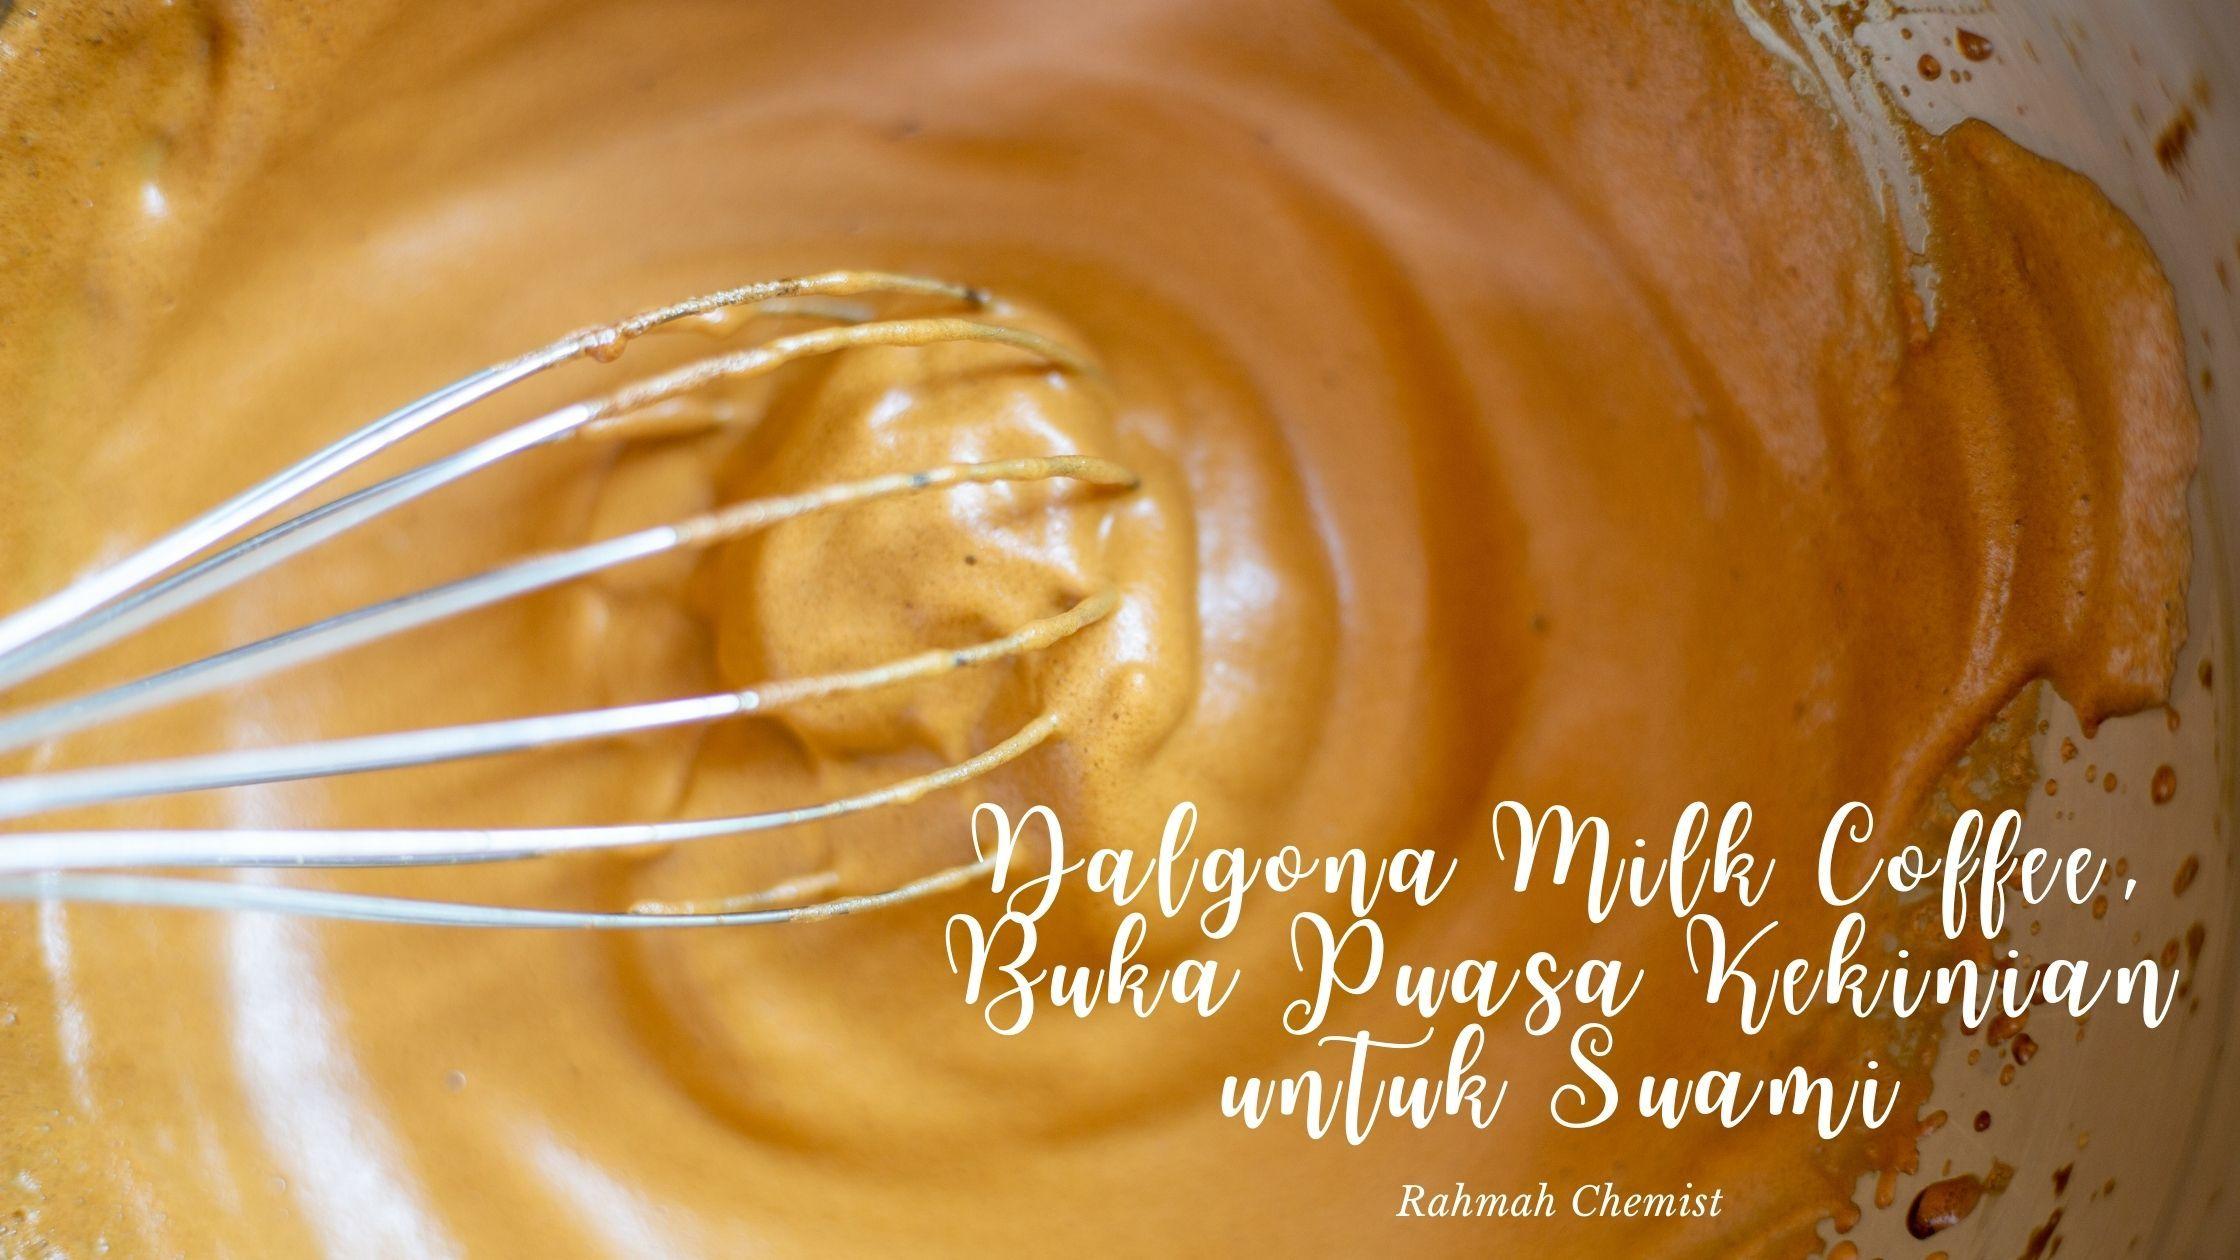 Dalgona Milk Coffee, Buka Puasa Kekinian untuk Suami